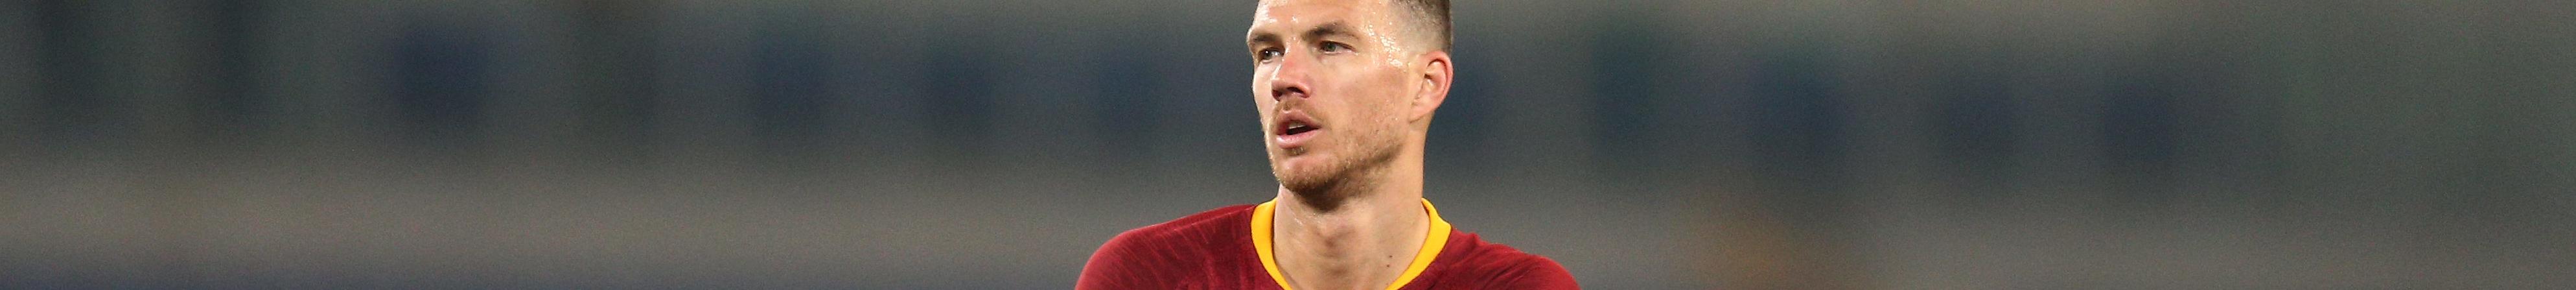 Roma-Fiorentina, sfida tra deluse all'Olimpico